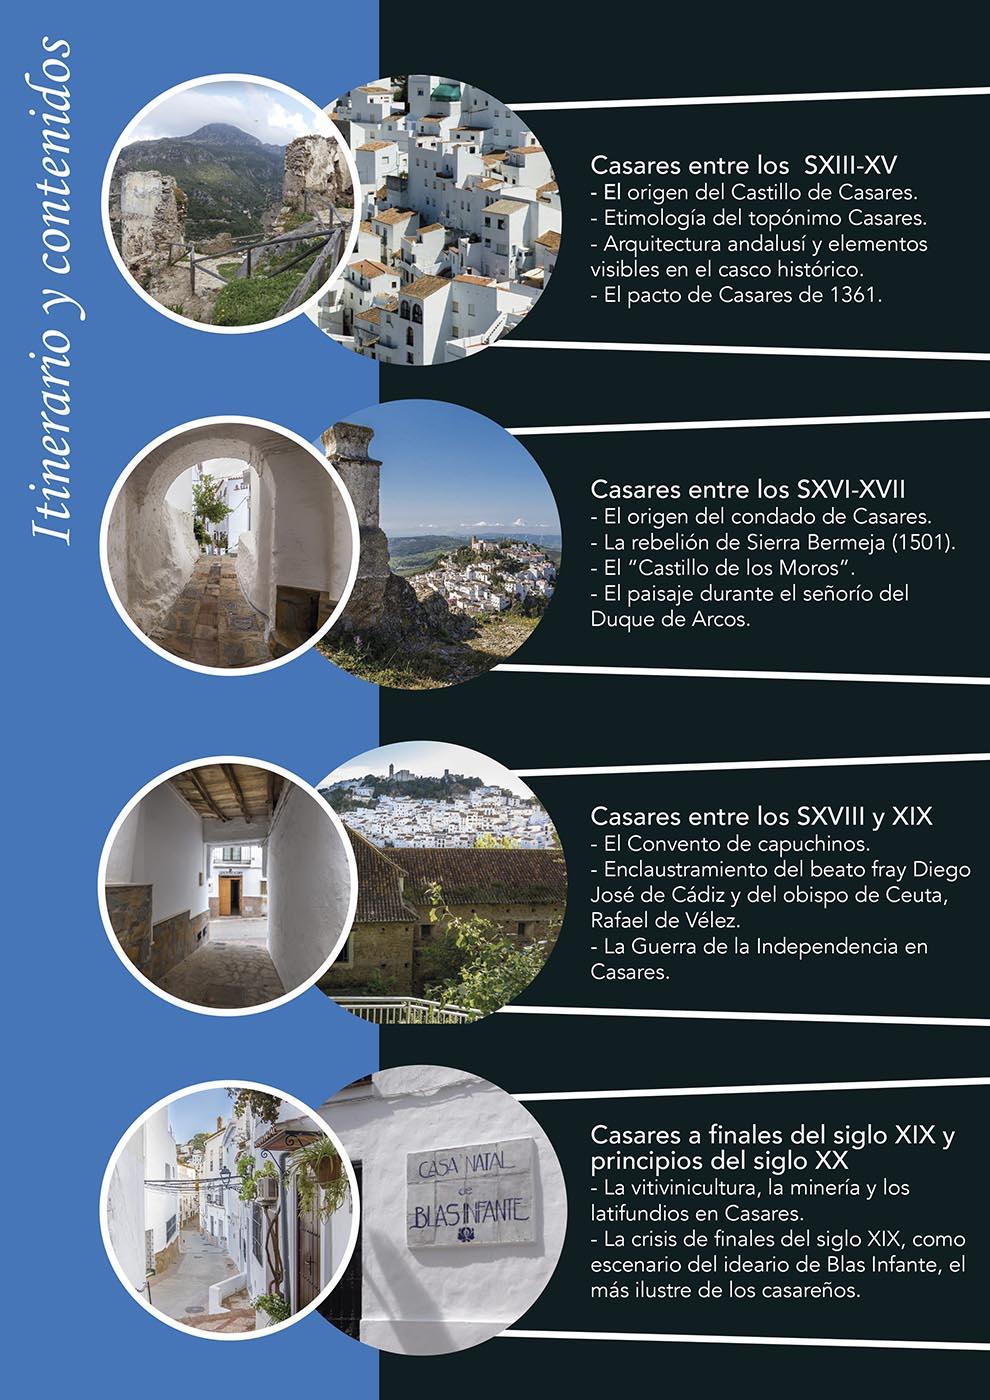 Rutas con historia (Casares, 2021)